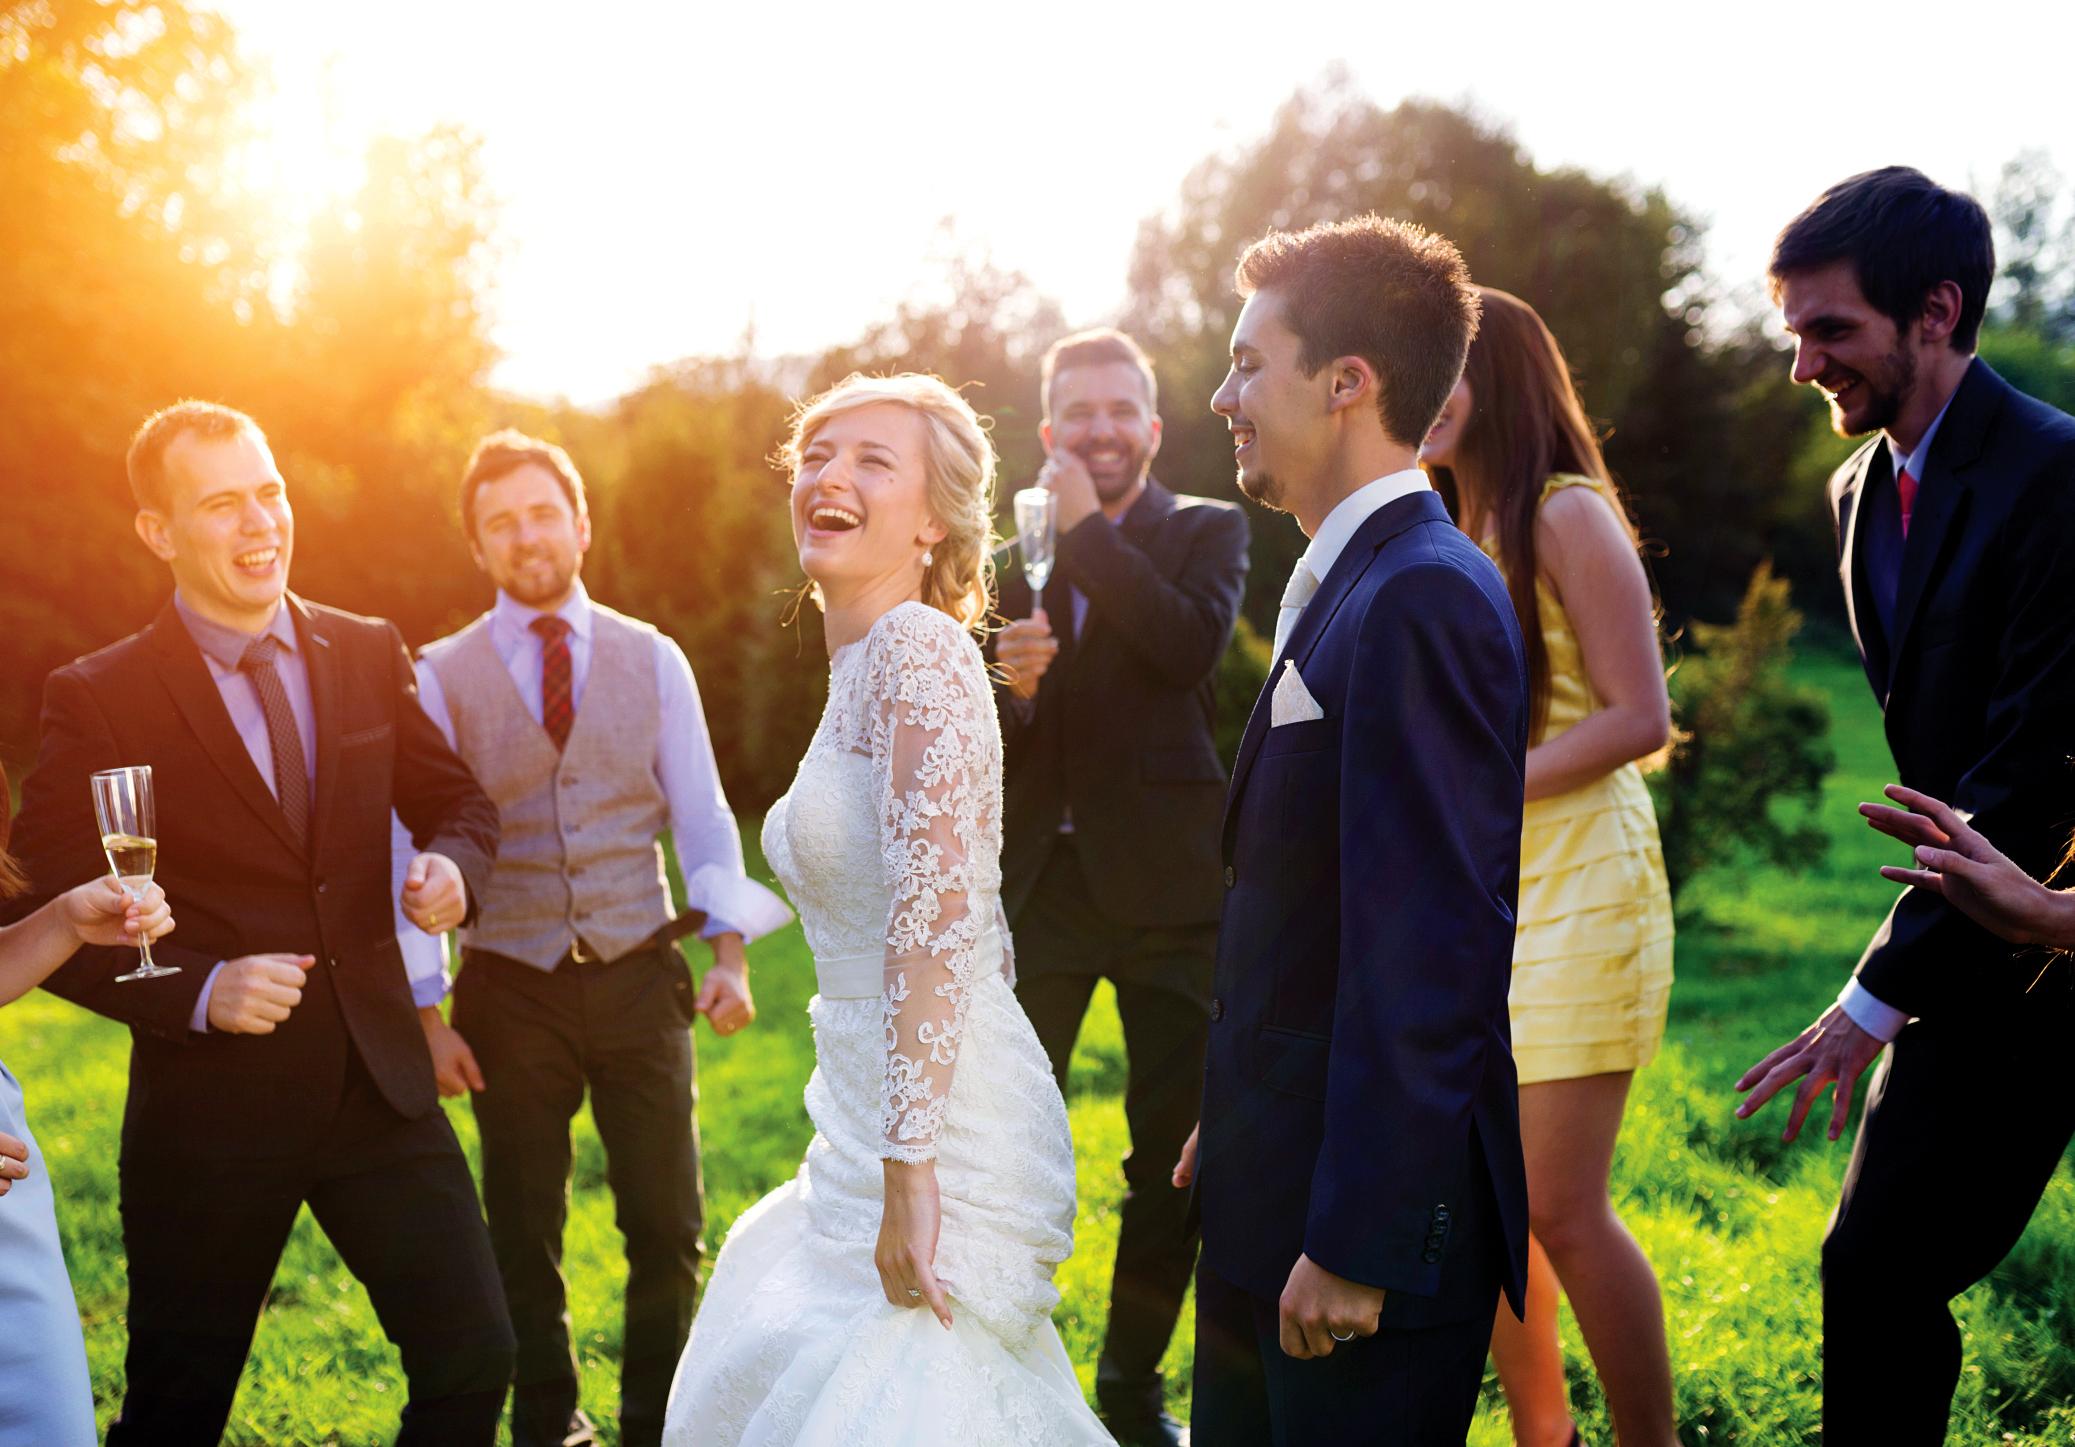 a házasság előtti randi átlagos életkora minecraft társkereső szerverek kreatív